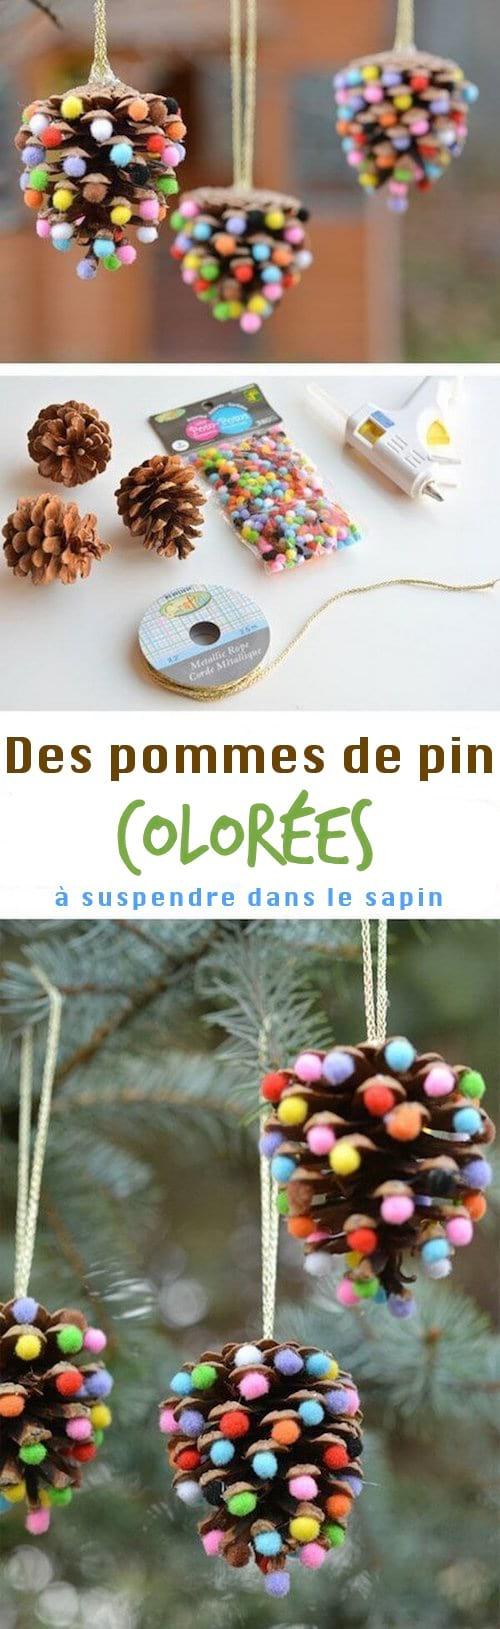 boule de noel avec pomme de pin colorées